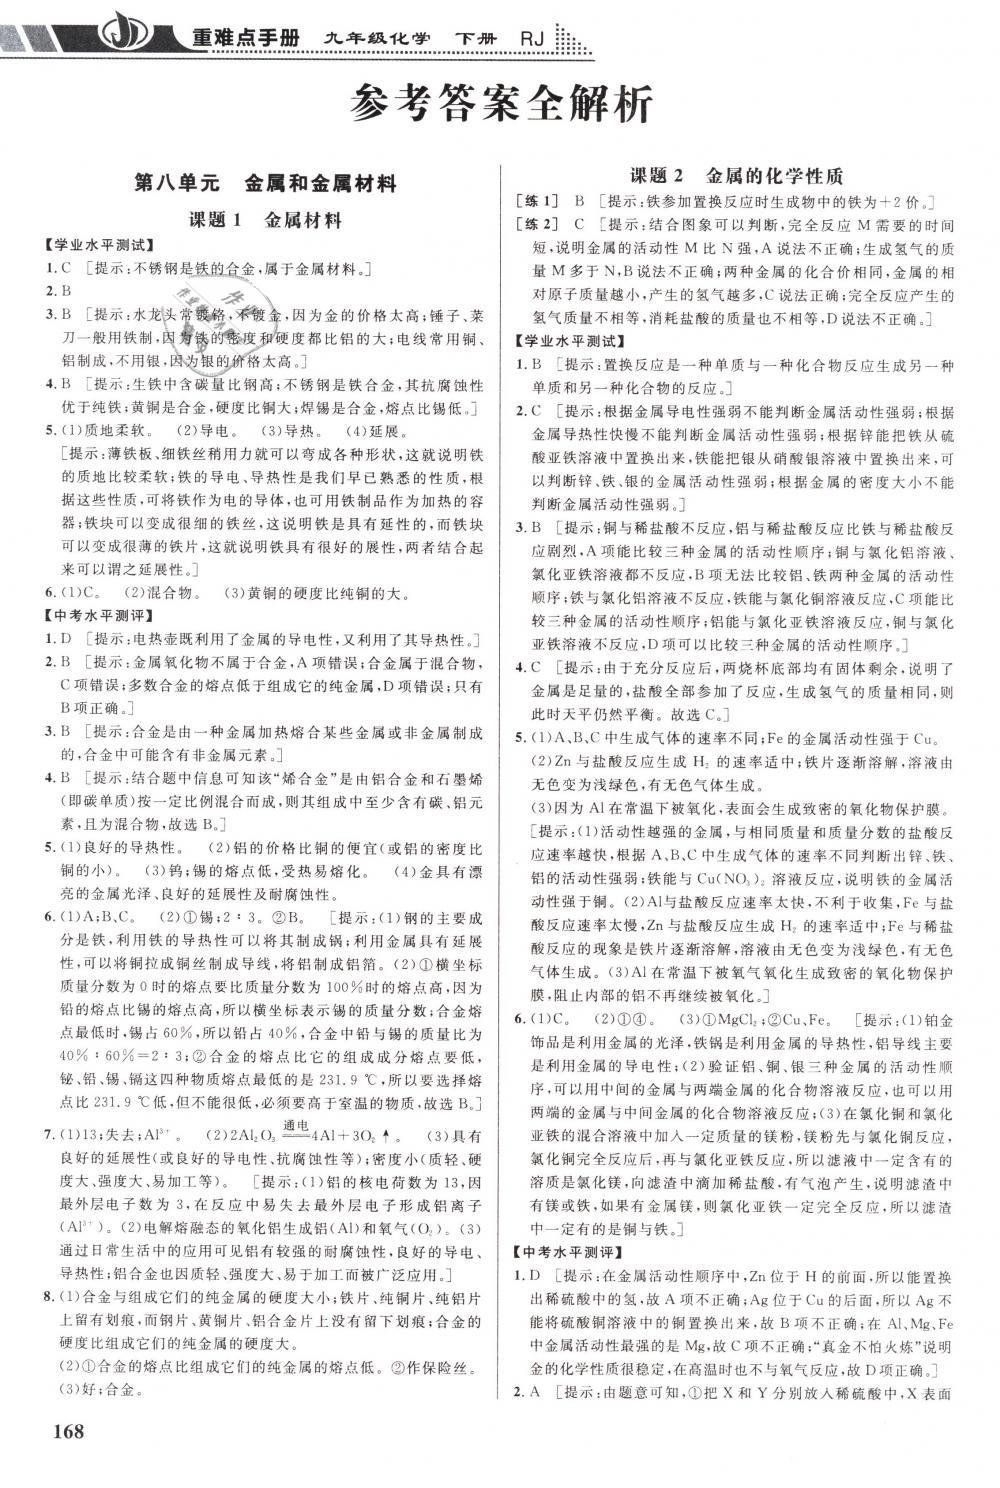 2019年重难点手册九年级化学下册人教版第1页